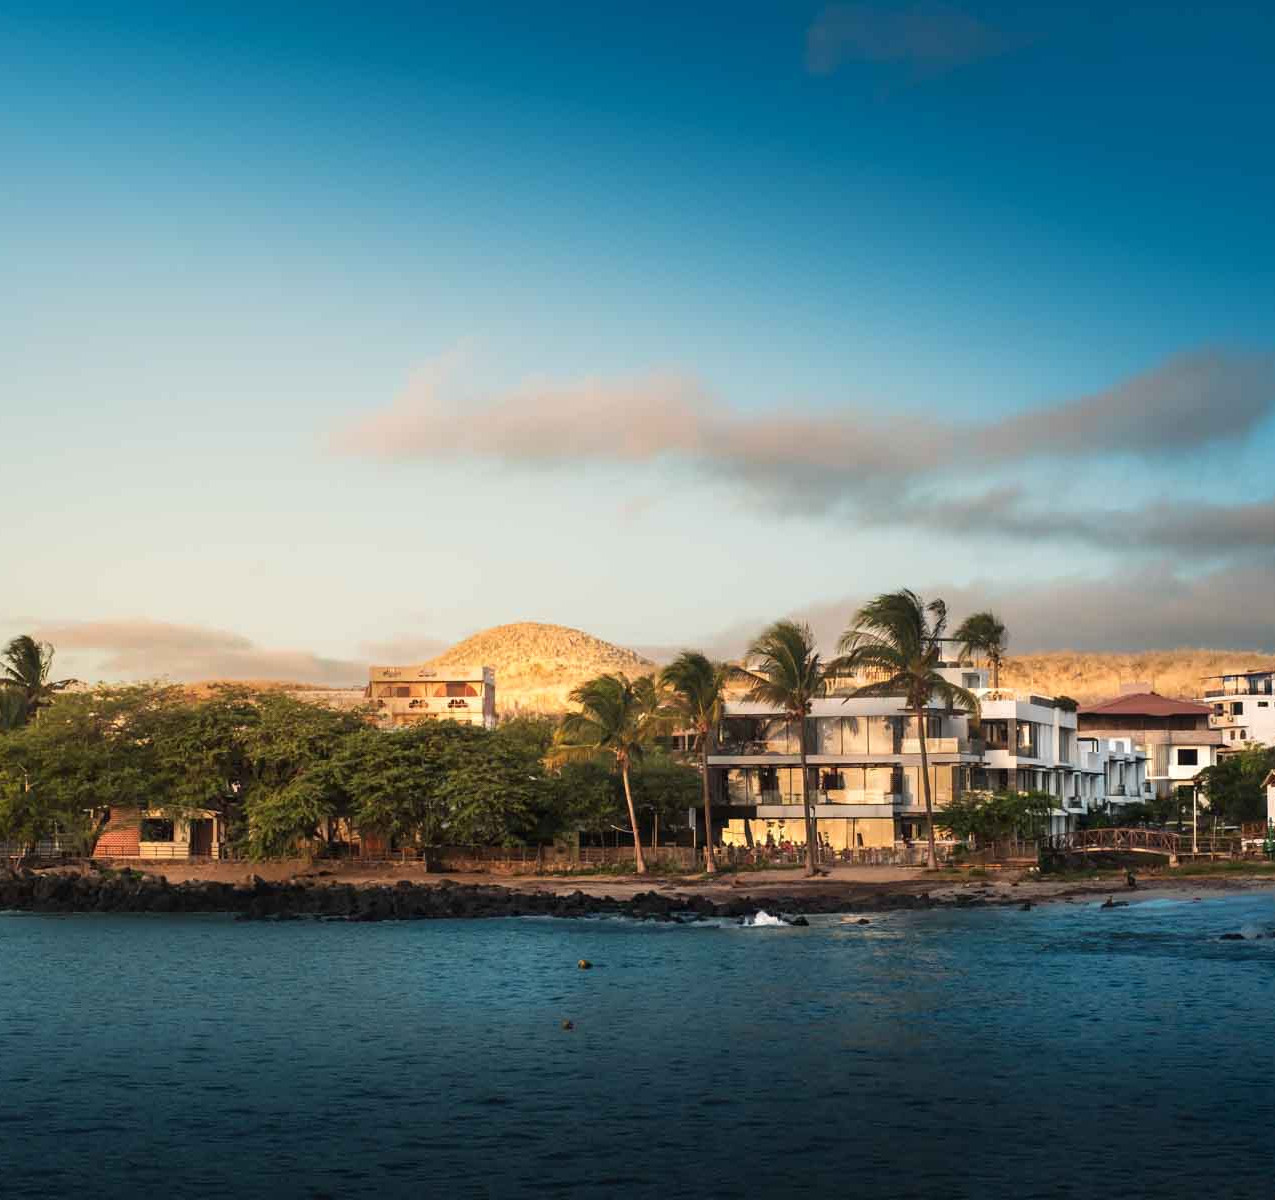 san-cristobal-island-galapagos-ecuador